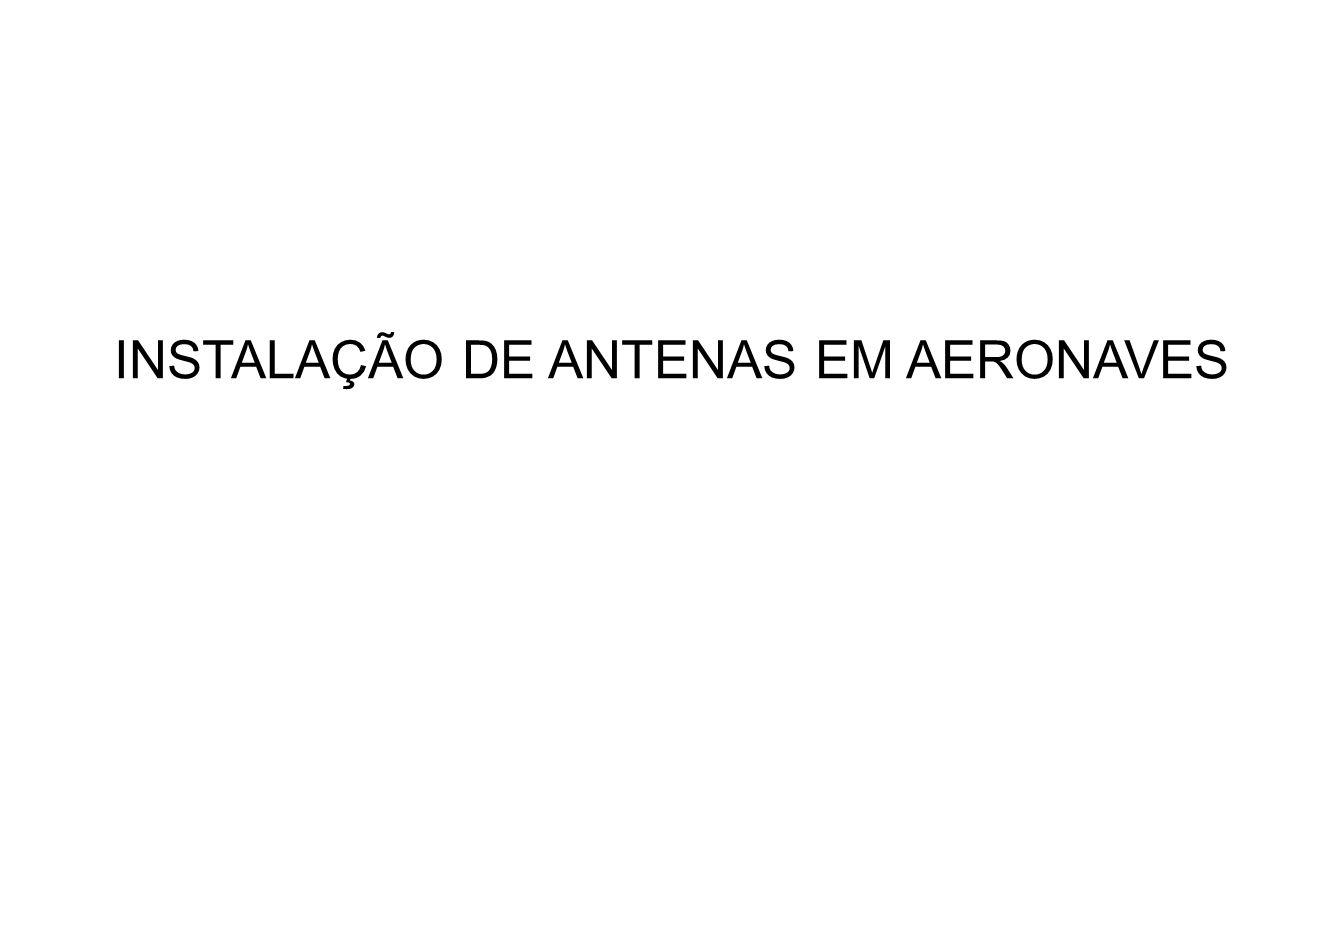 INSTALAÇÃO DE ANTENAS EM AERONAVES